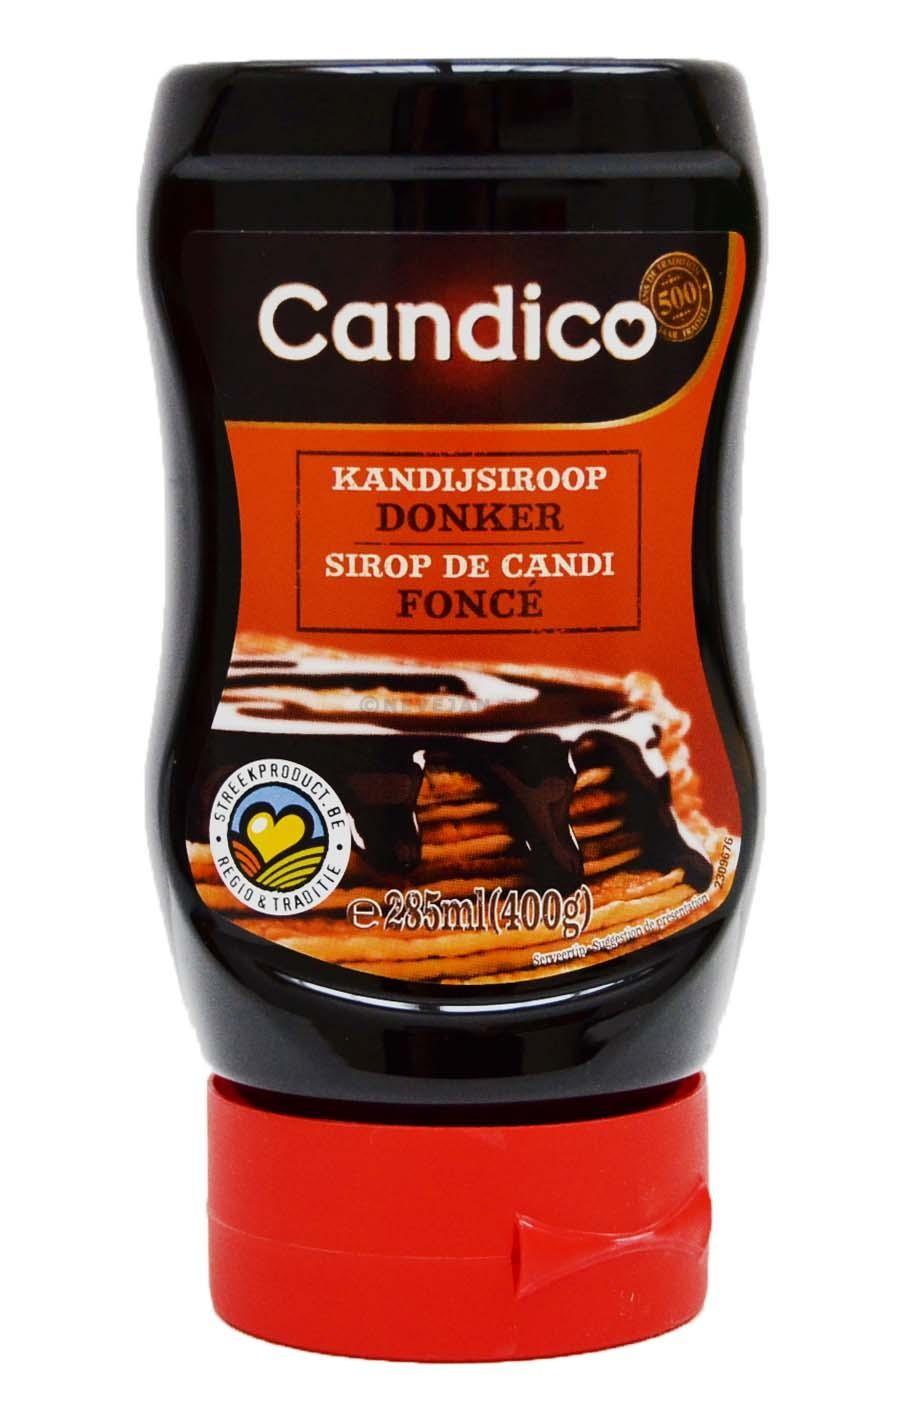 Kandijsuikersiroop donker 450gr candico